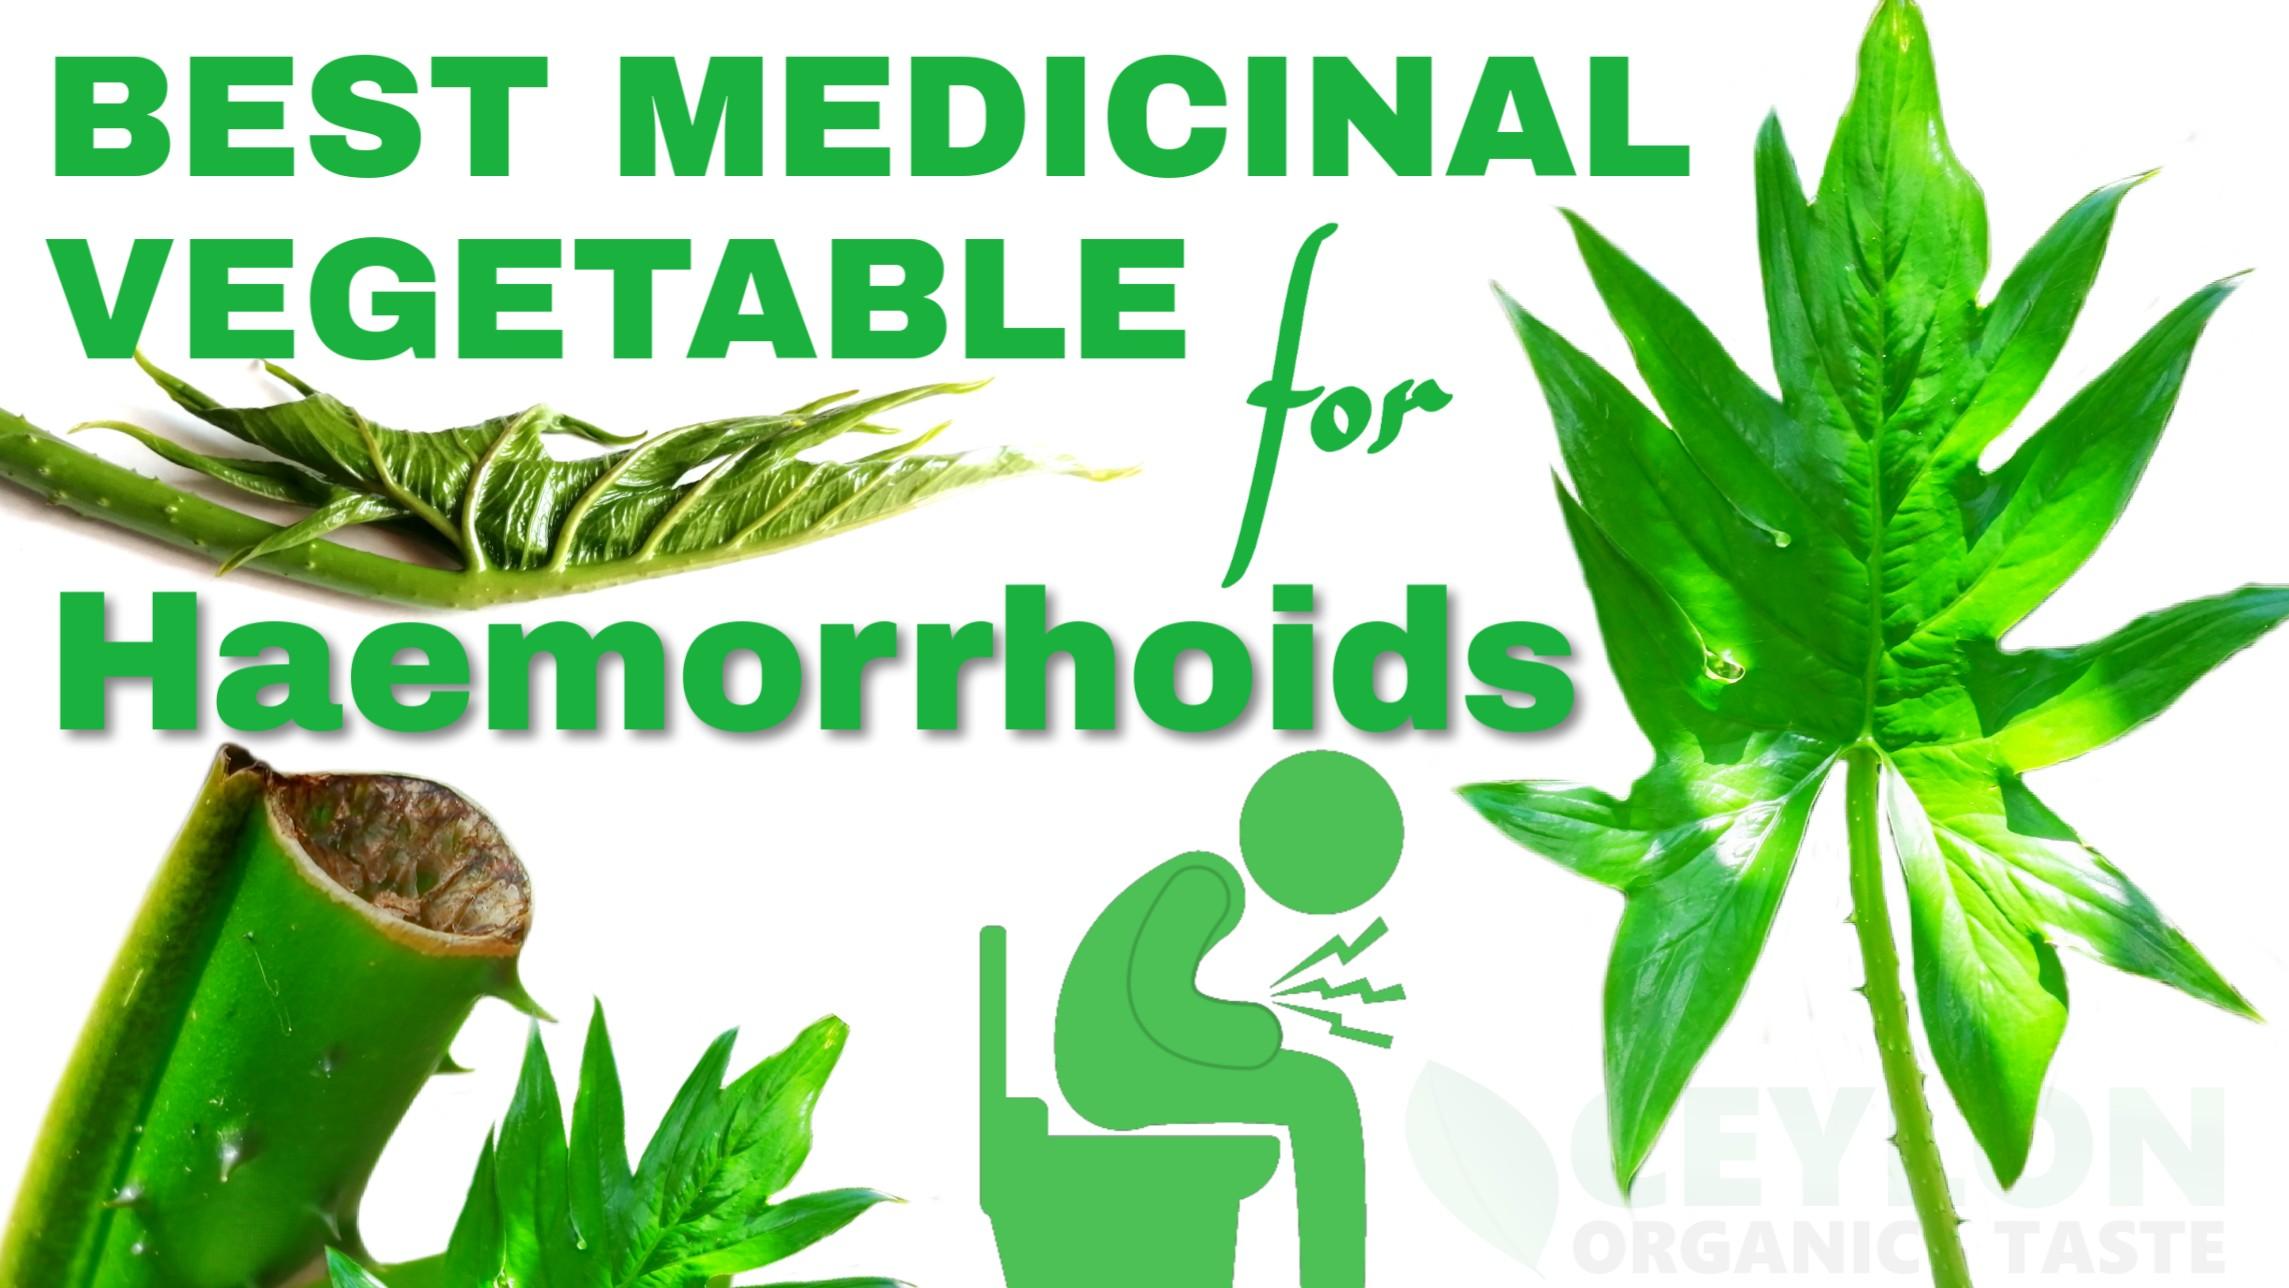 Best Medicinal Vegetable for haemorrhoids